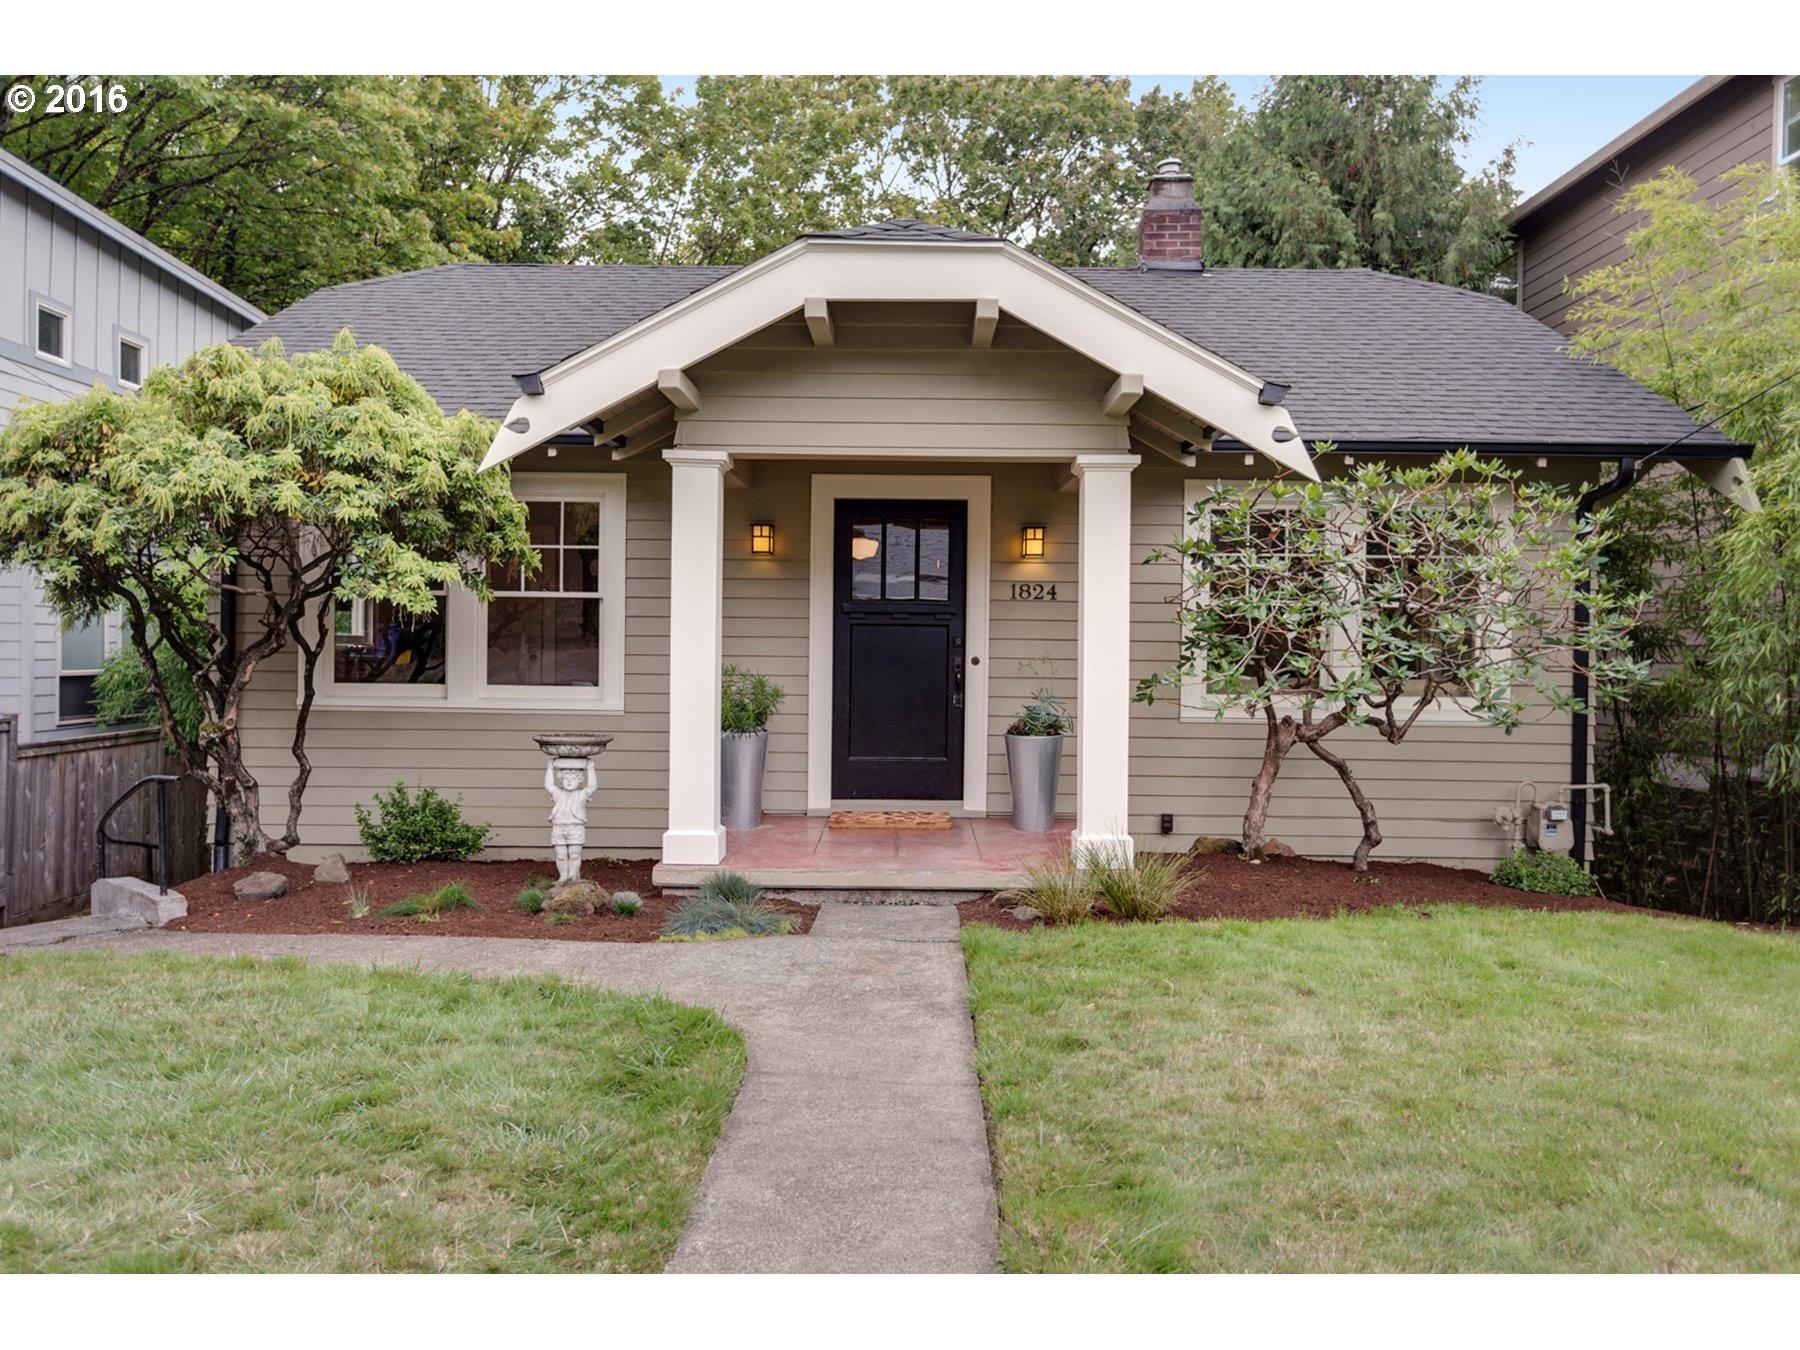 1824 SW EVANS ST, Portland OR 97219